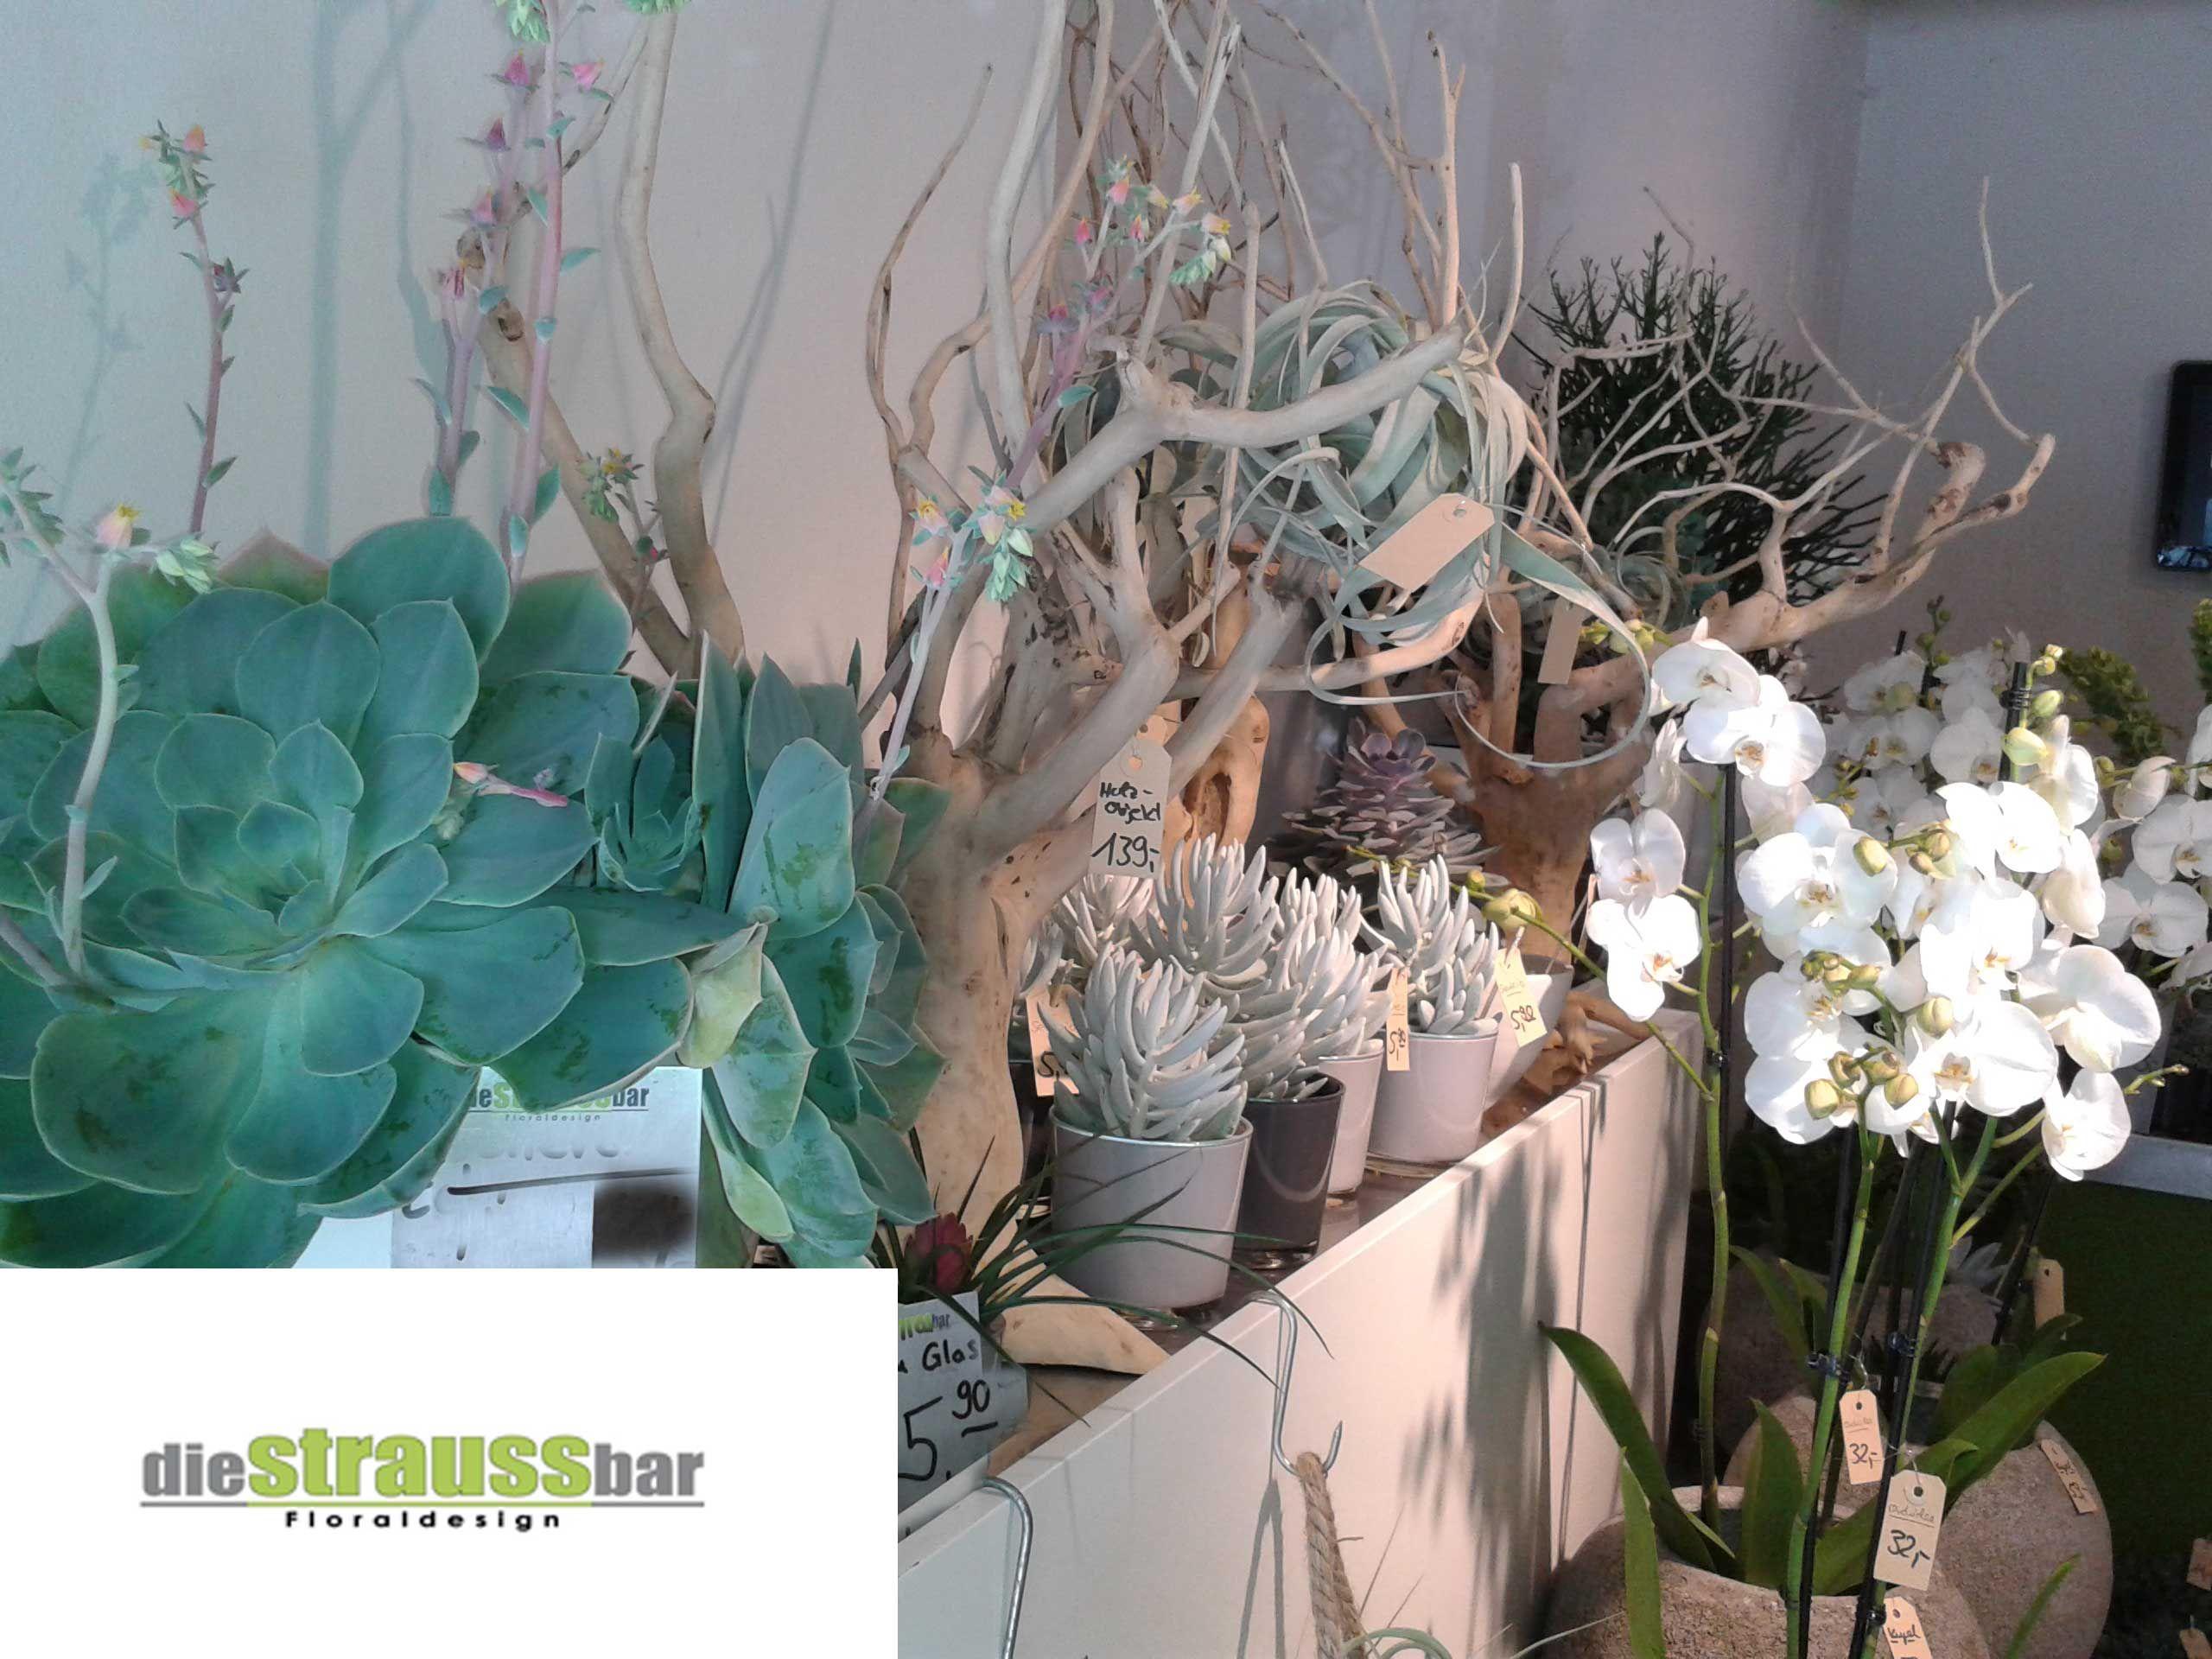 Floristic objects Blumenstrauß, Tischdekoration und Blumen